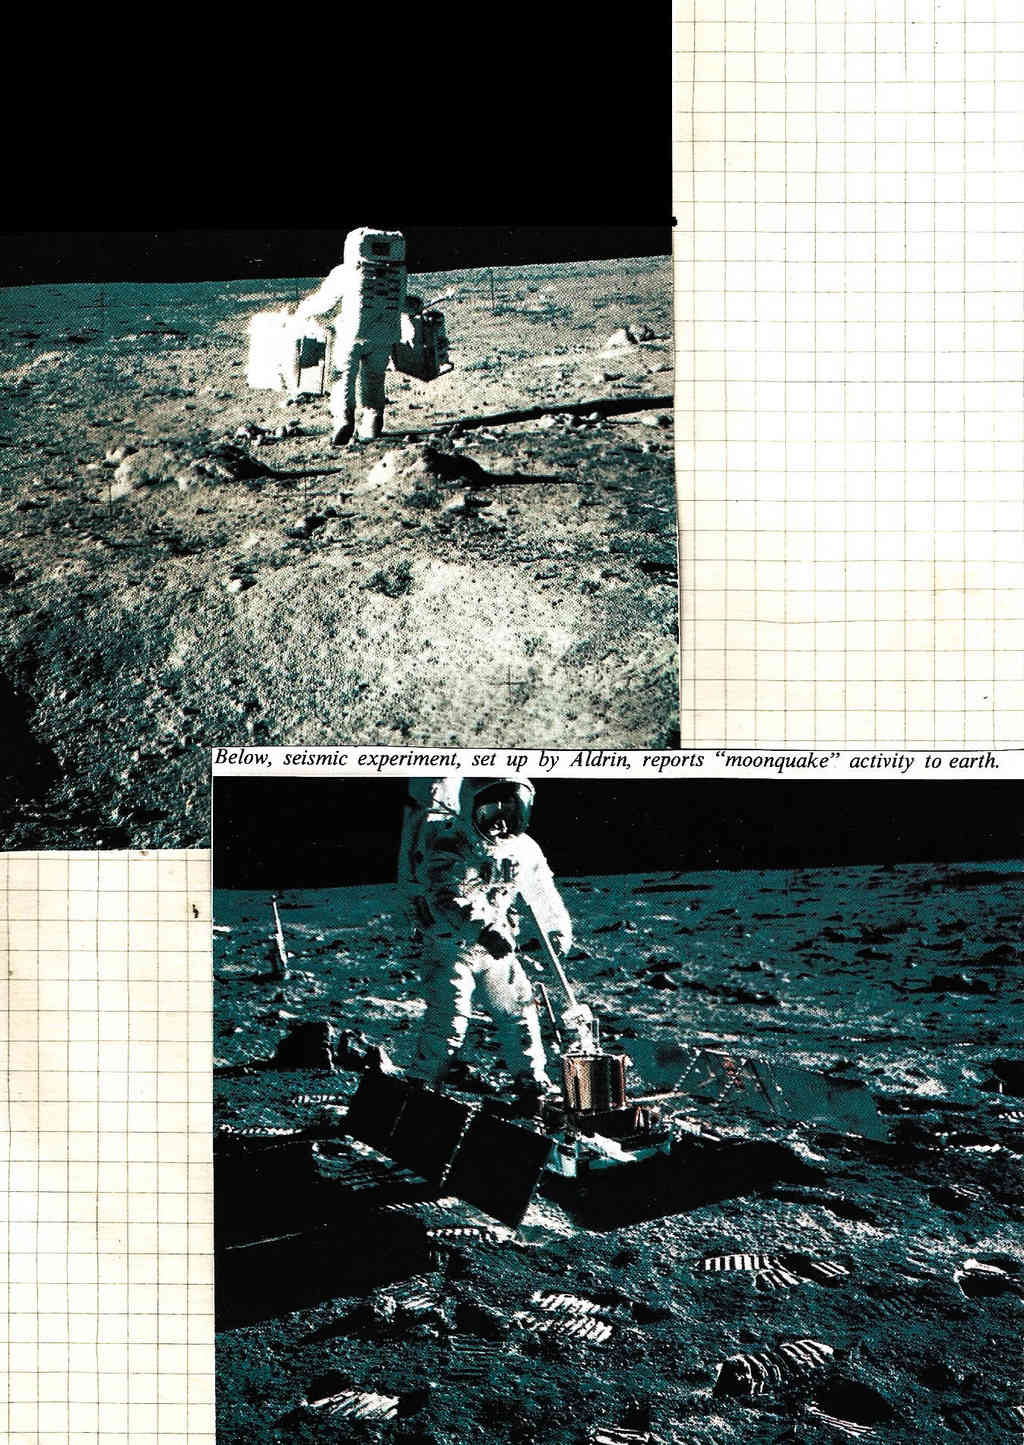 Apollo 11 vu par google earth - Page 2 610